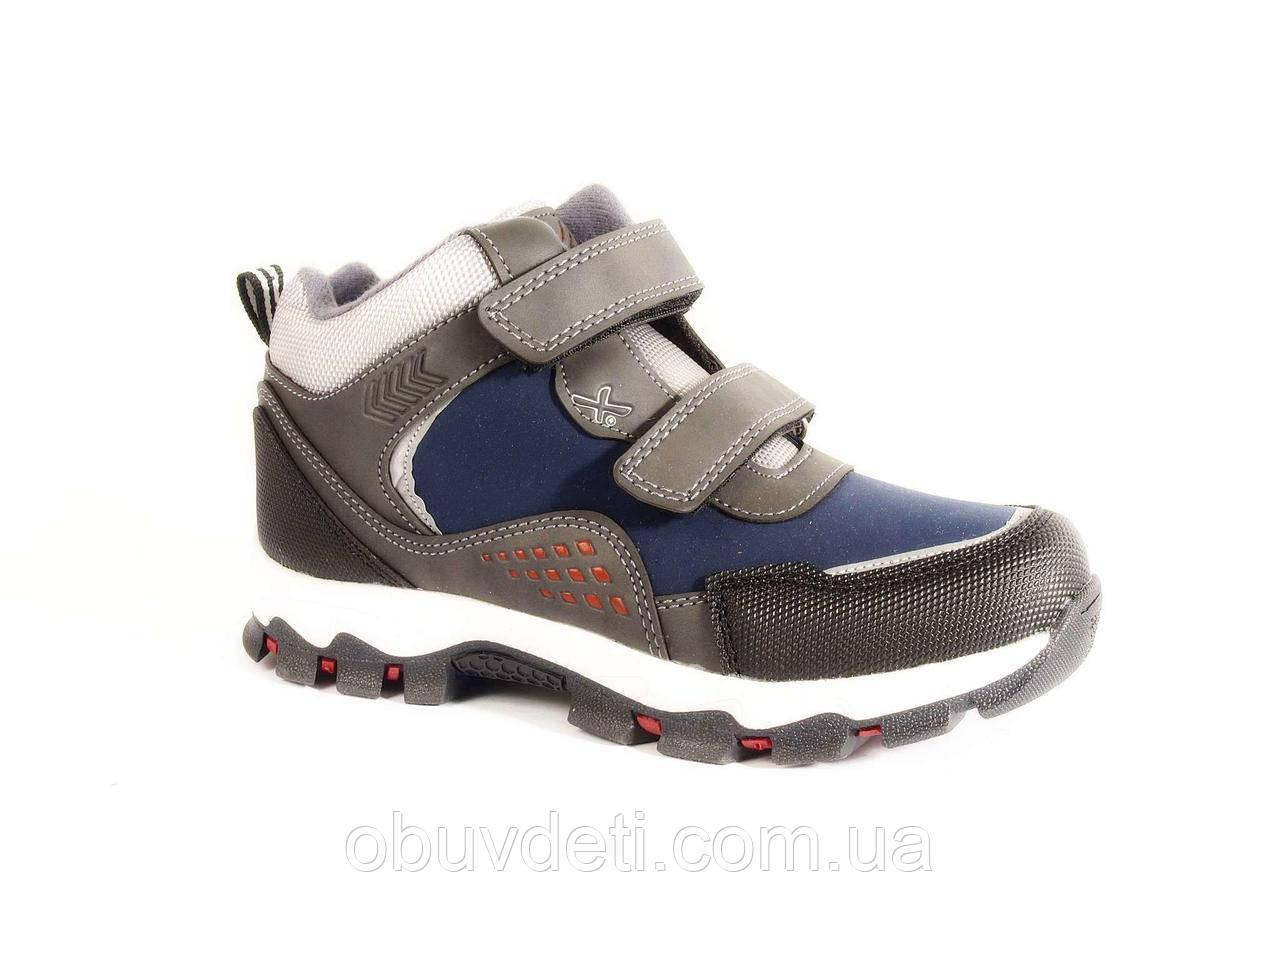 Деми ботинки promax для мальчиков  30 р-р - 19.5см серо-синие